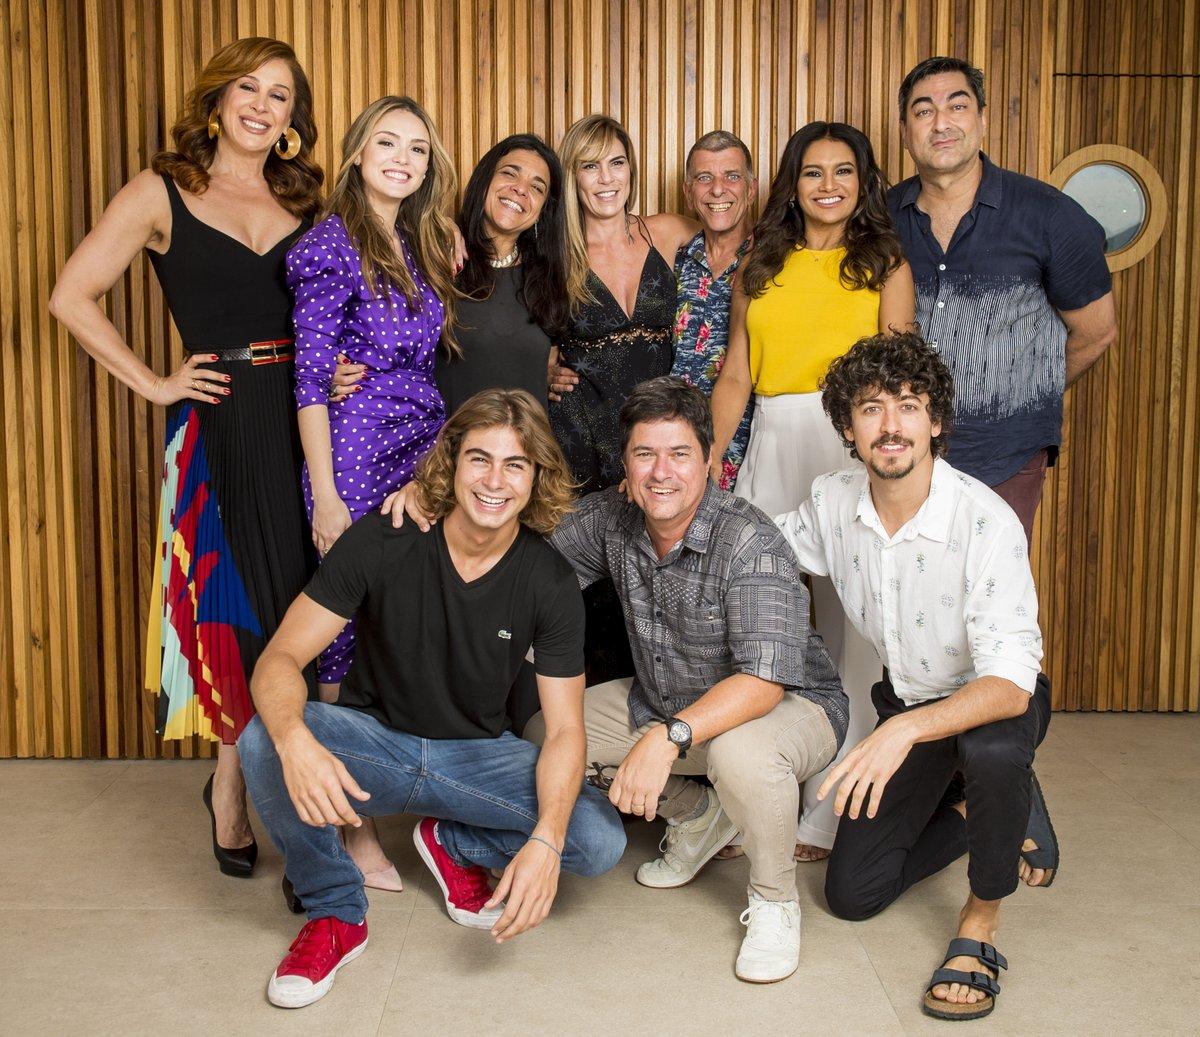 762d1a11e5370 As autoras Izabel de Oliveira e Paula Amaral estiveram presentes, assim  como os diretores Jorge Fernando e Marcelo Zambelli, e os atores Isabelle  Drummond, ...